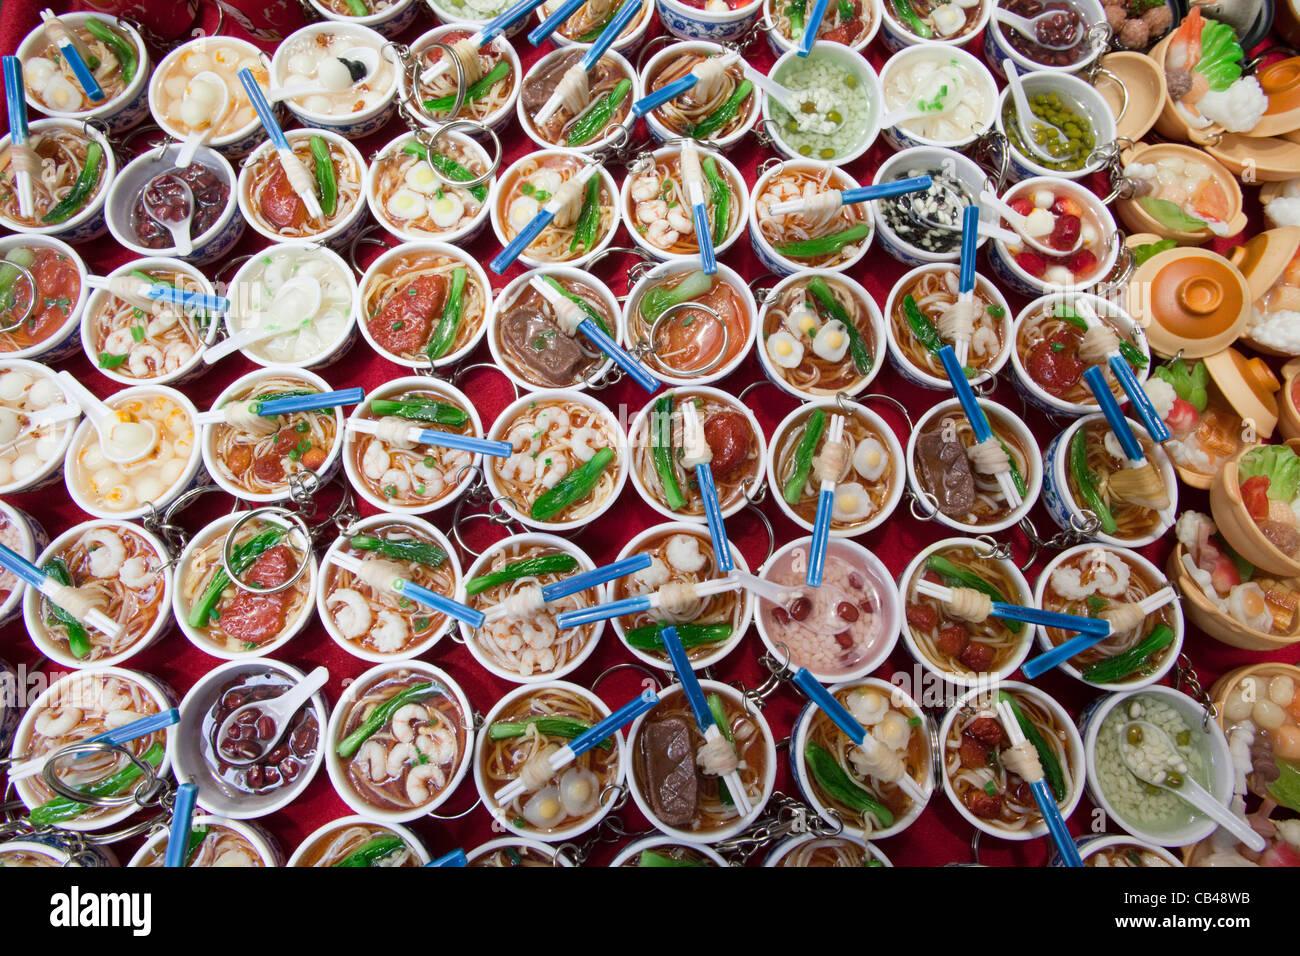 China, Hong Kong, Stanley Market, Souvenir Keyrings of Chinese Bowls of Food Stock Foto